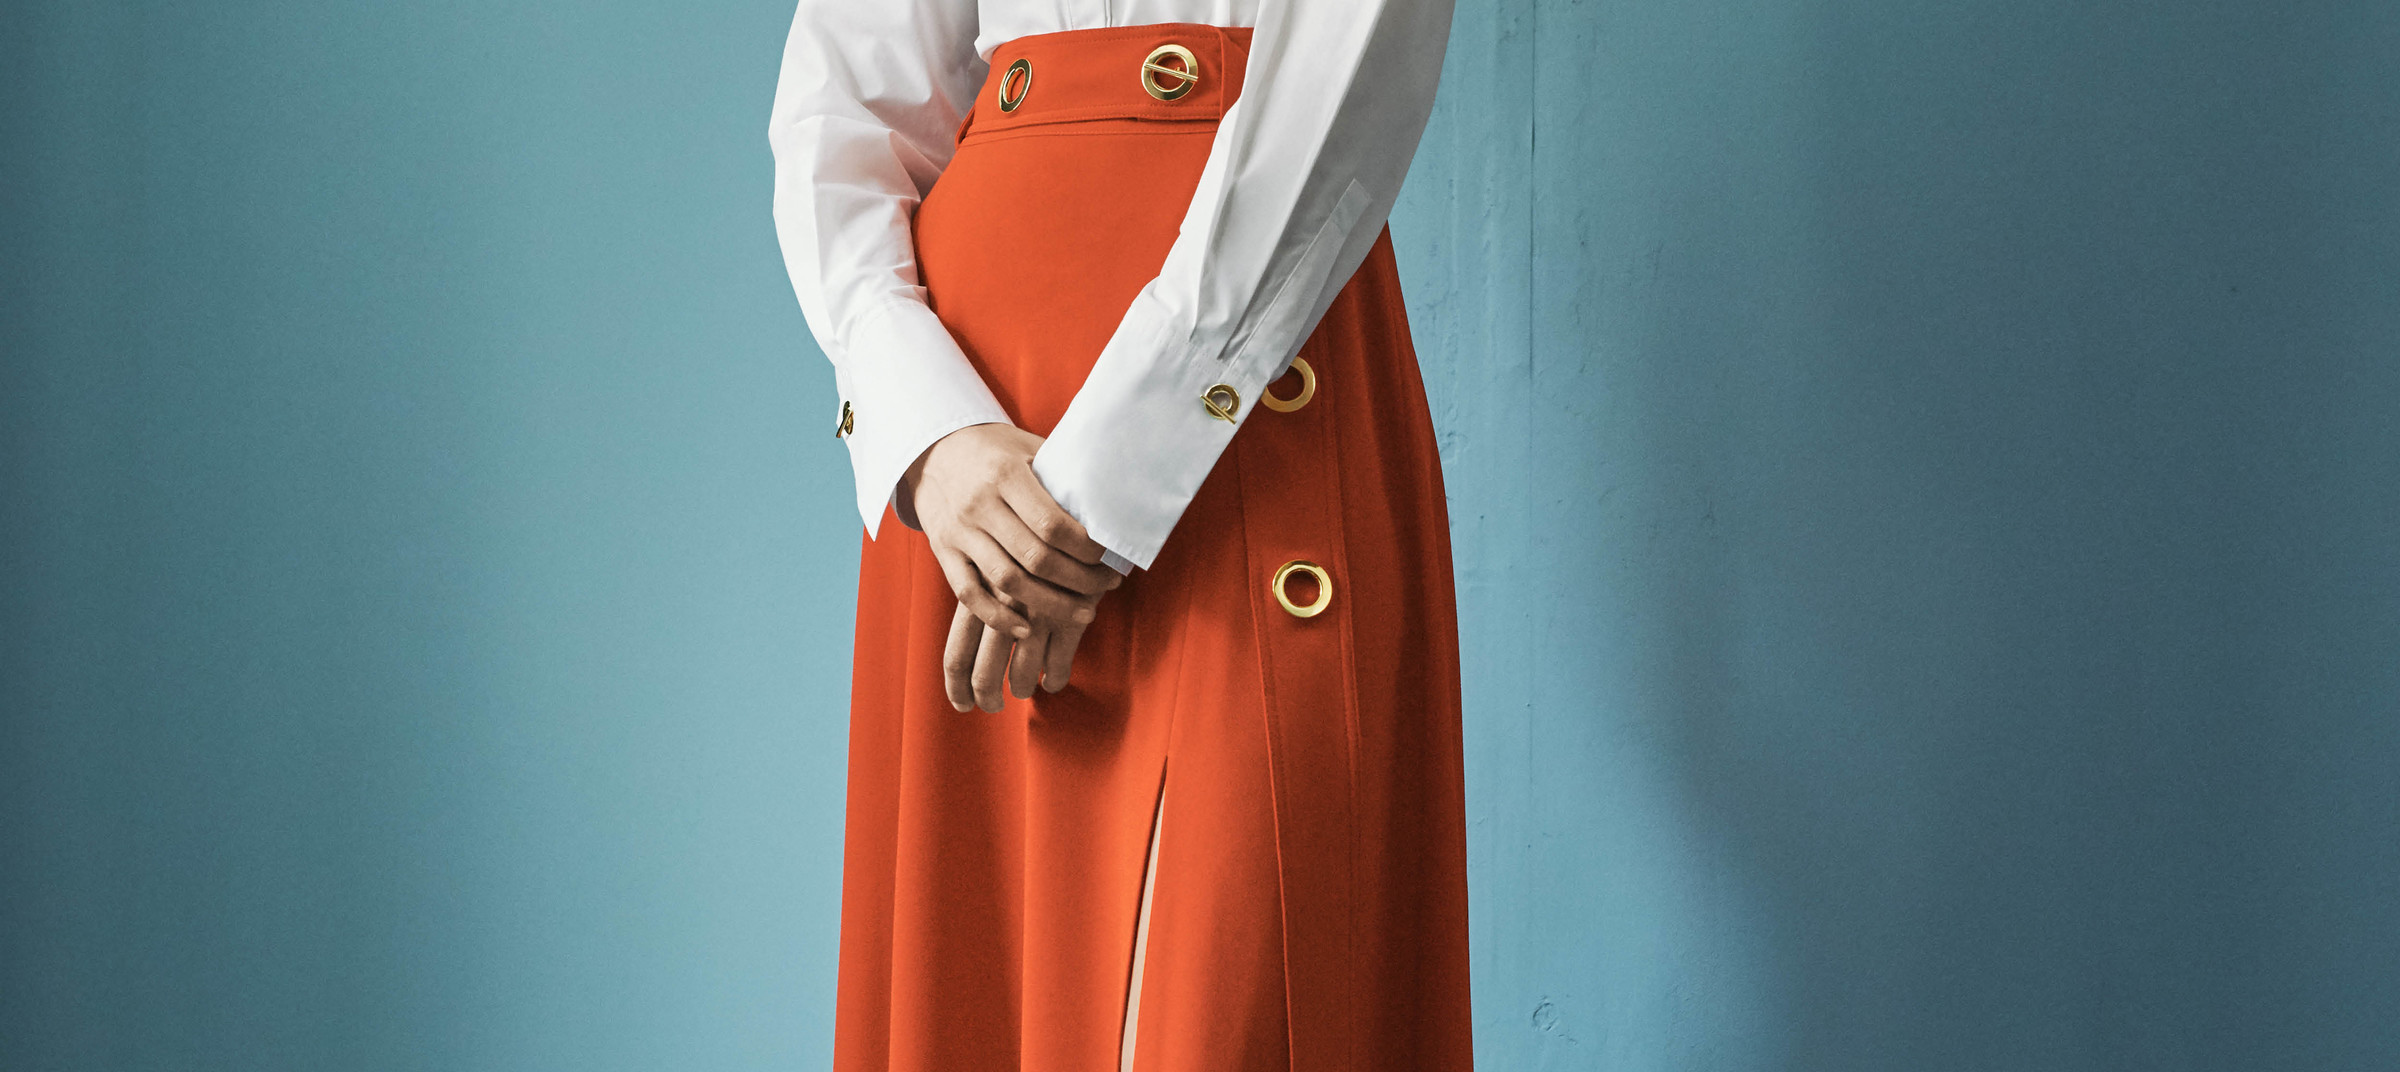 Model in Derek Lam 10 Crosby skirt for pre-spring 2018 look book